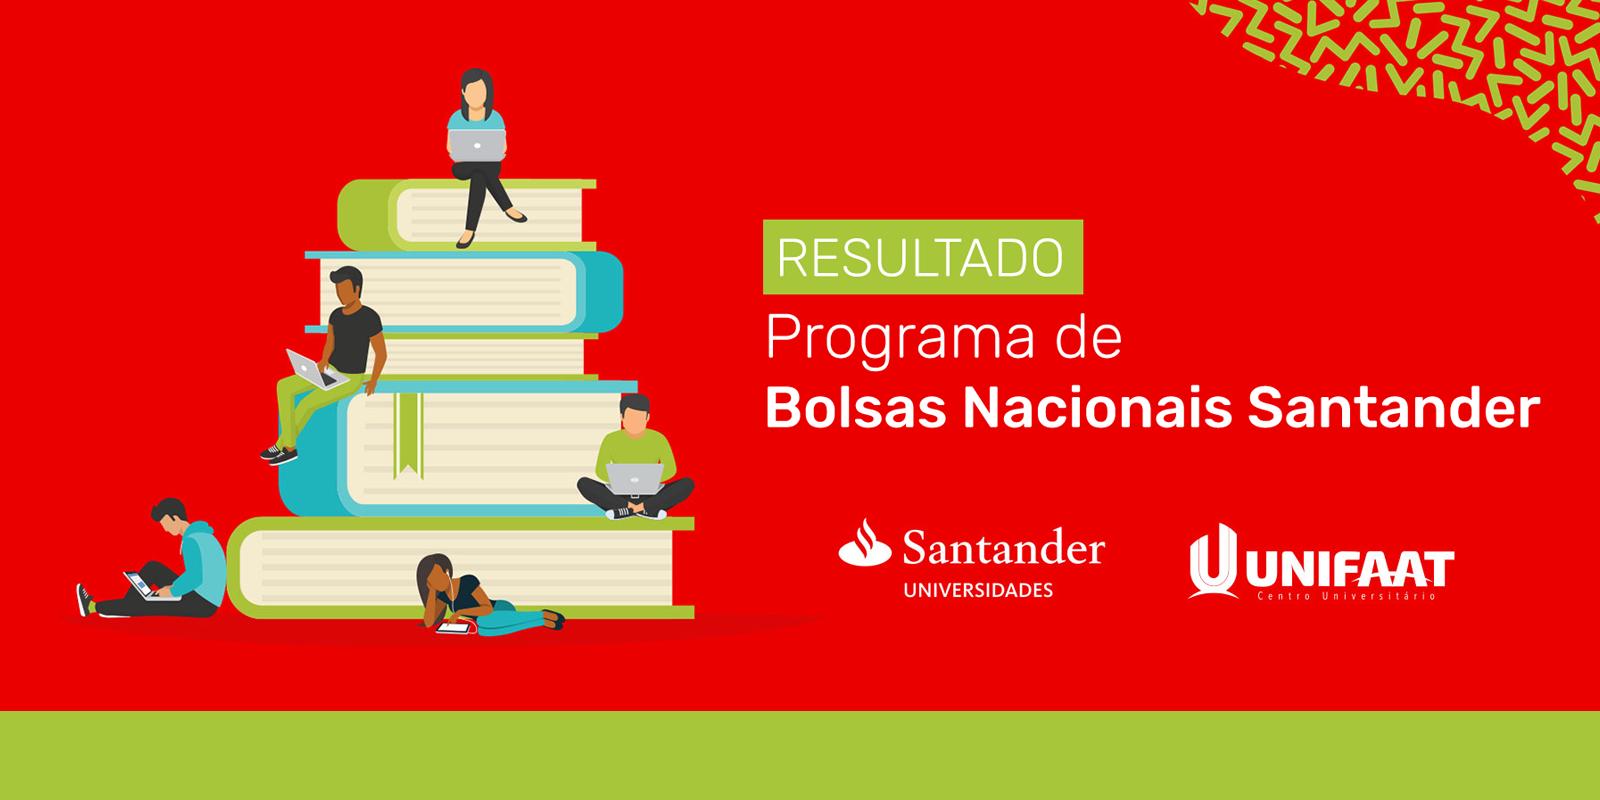 Resultado do processo seletivo do Programa de Bolsas Nacionais Santander 2019